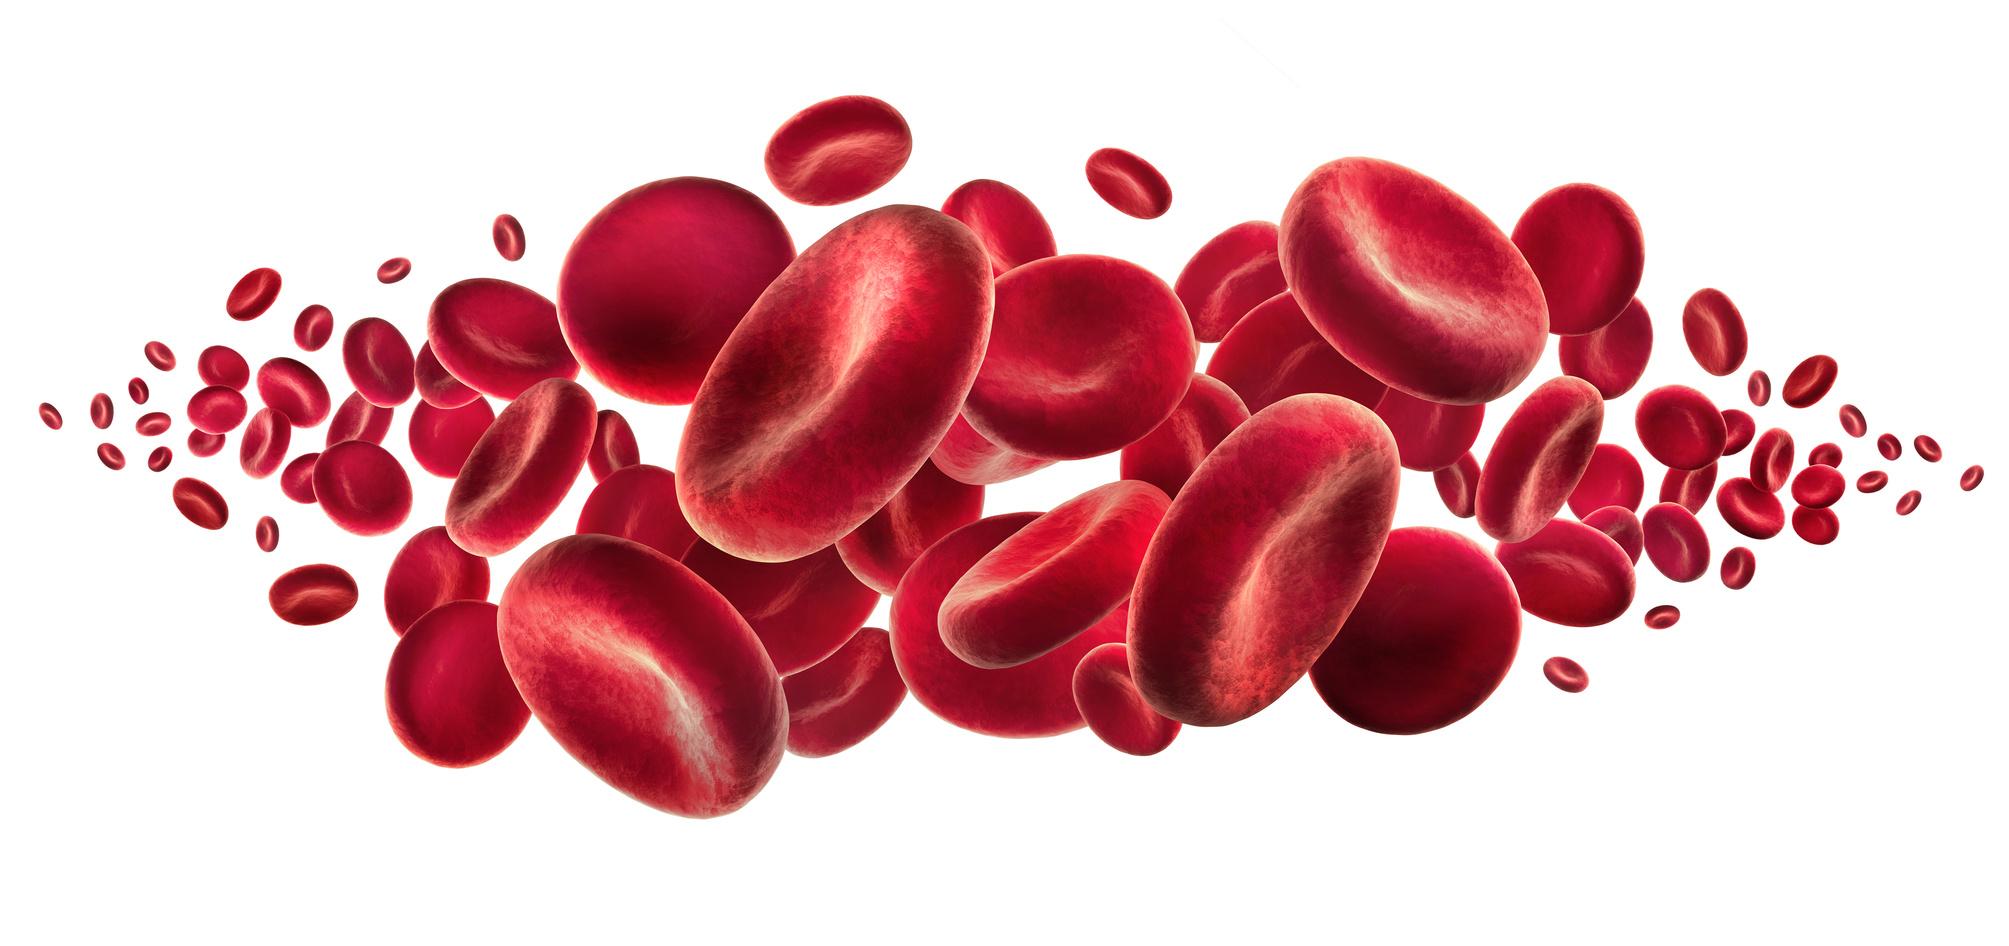 Znalezione obrazy dla zapytania blood cell